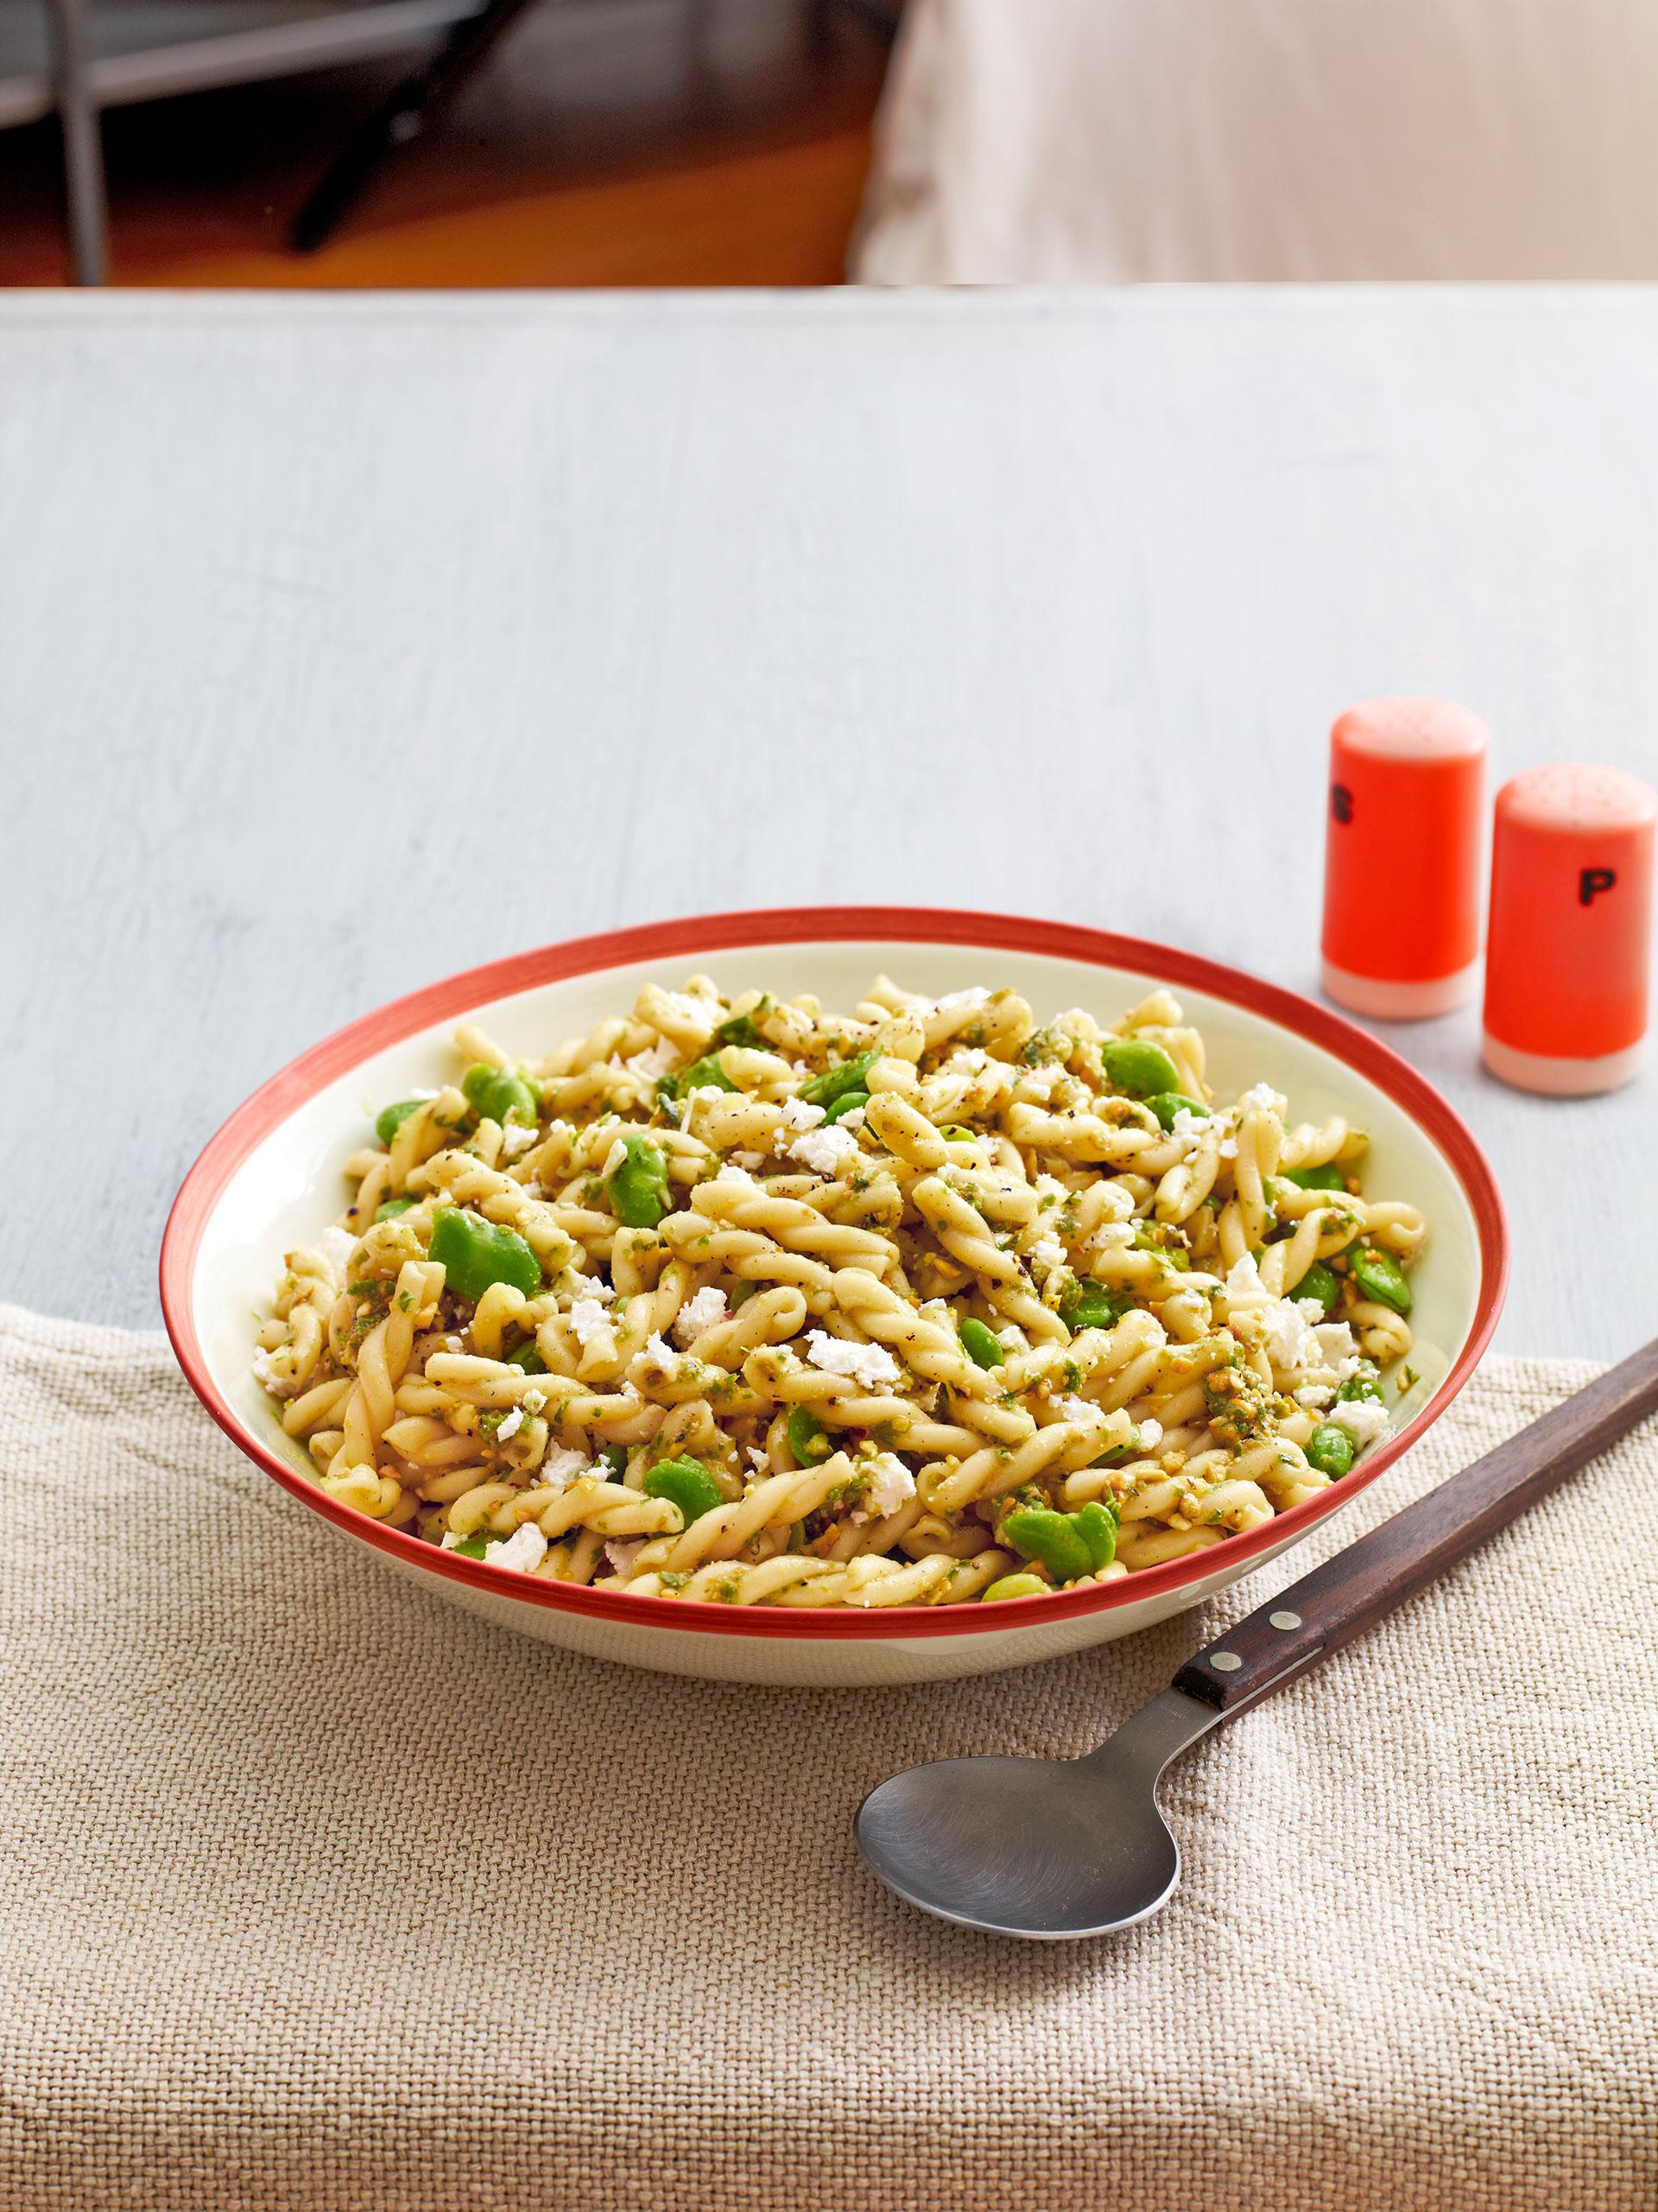 Fava Bean Pasta Salad with Garlic Scape Pesto Recipe